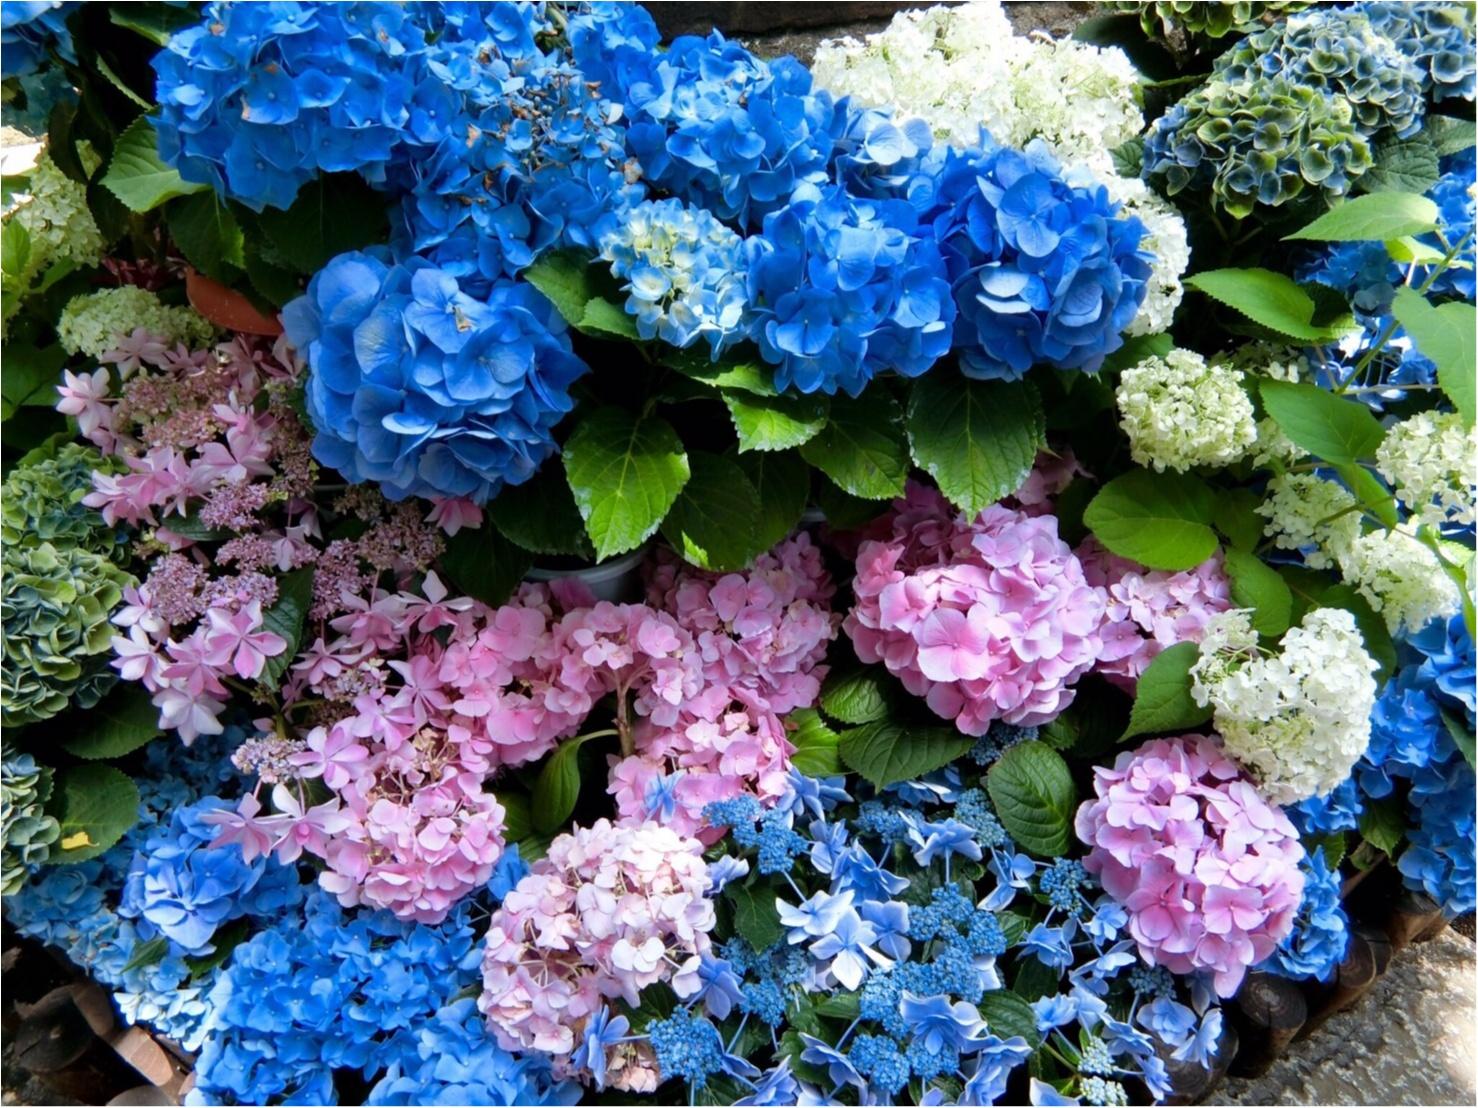 【今が見頃!】6月のおでかけは紫陽花まつりがおすすめ*写真映えするコーデのポイントも♡_5